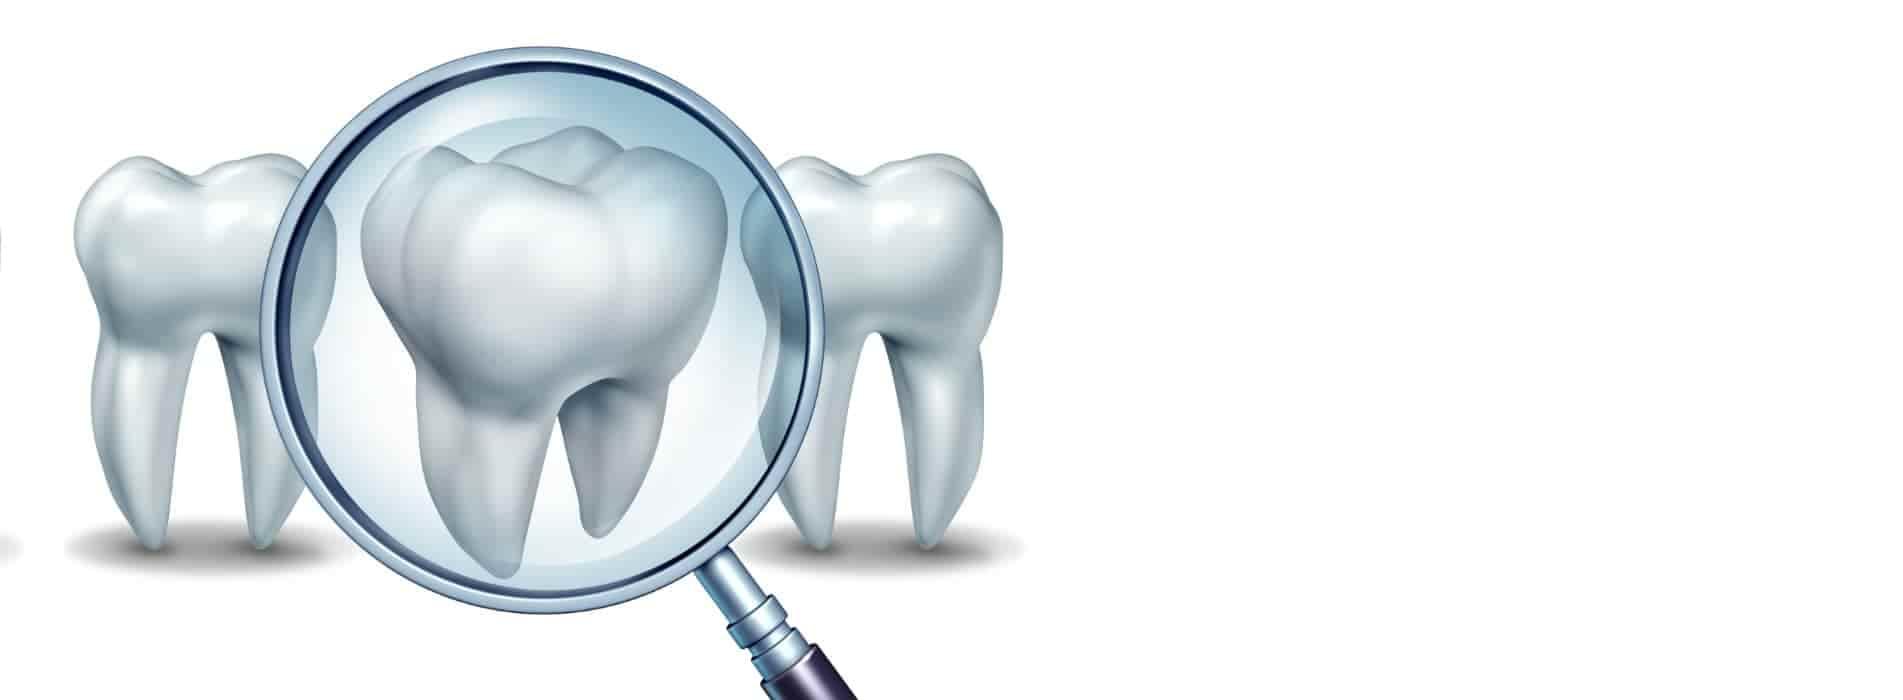 ricerca-clinica-dentale-pavia-ortodonzia-servizi